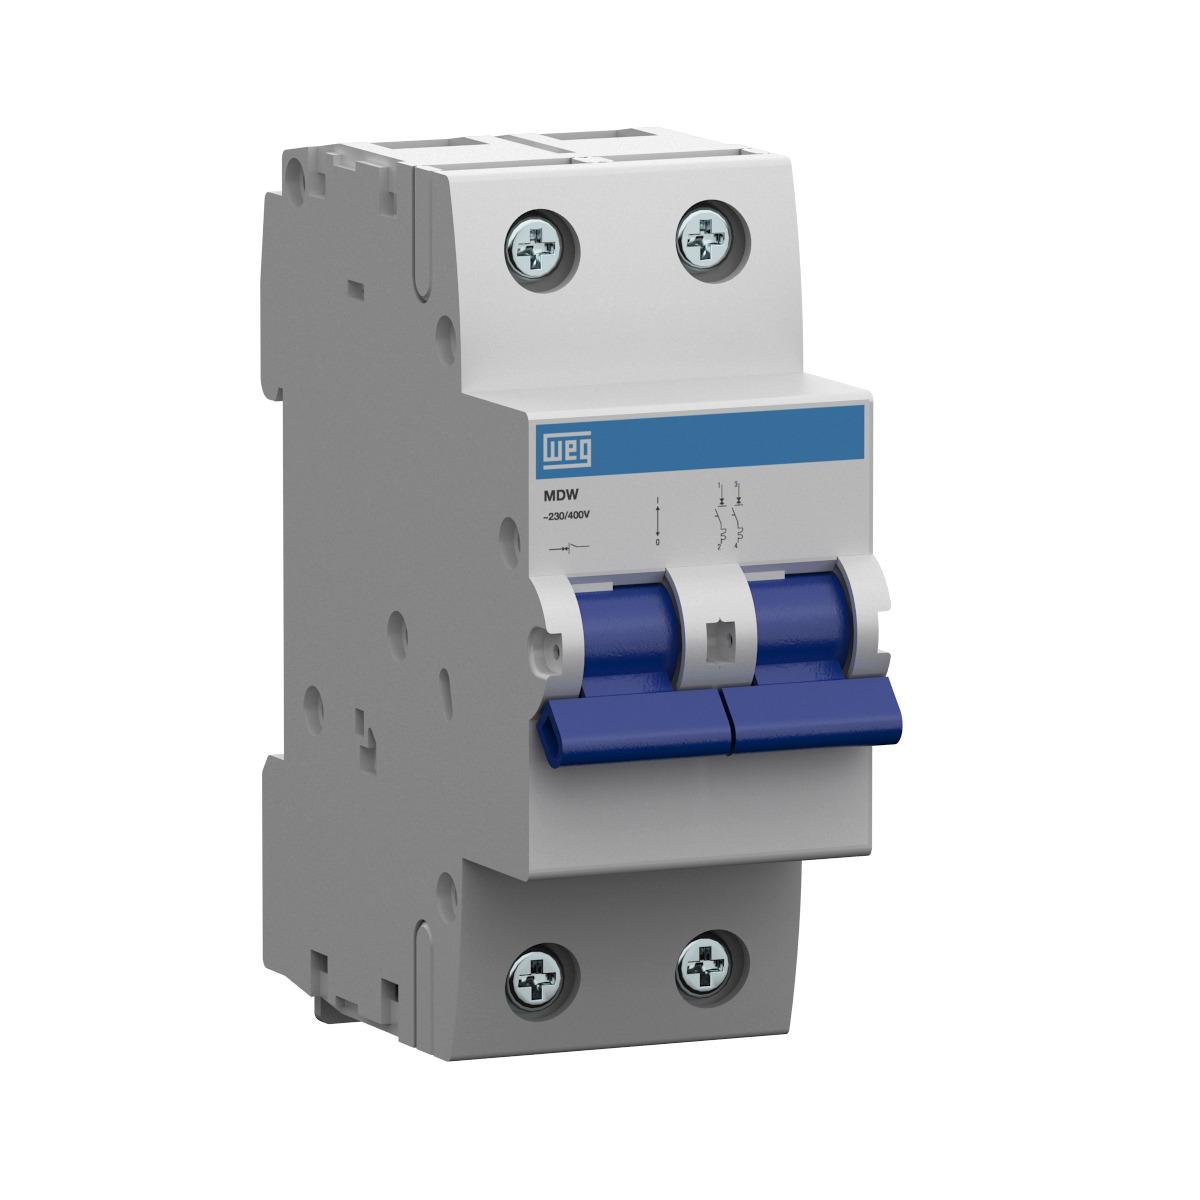 Minidisjuntor Termomagnético Weg Mdw-C40-2